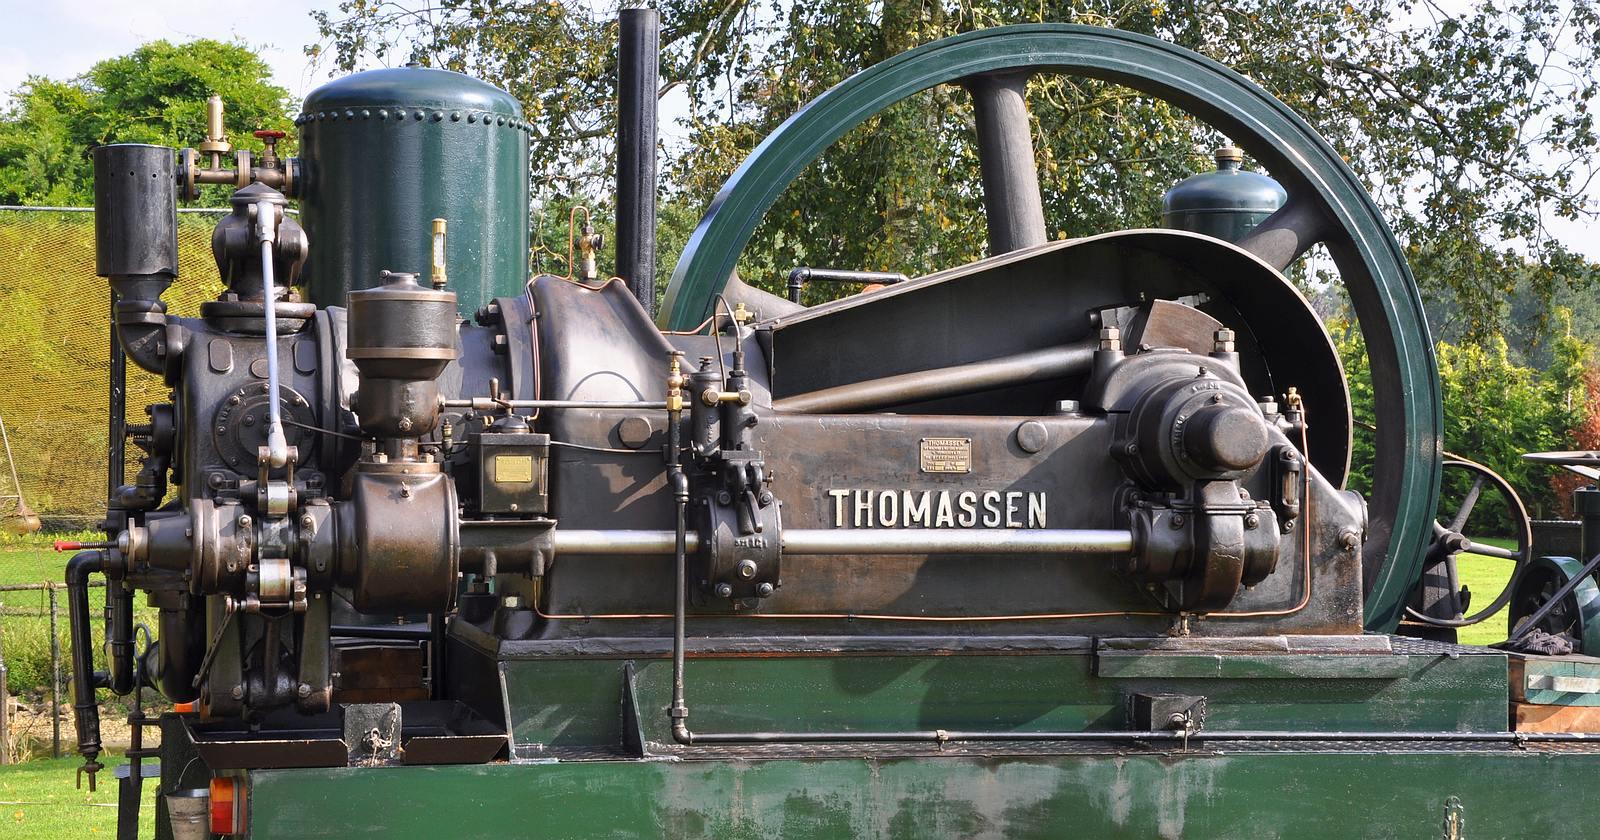 De stationaire motor van het merk Thomassen staat op het podium - Internationaal Historisch Festival Panningen 28 & 29 juli 2018 • 24-07-2018